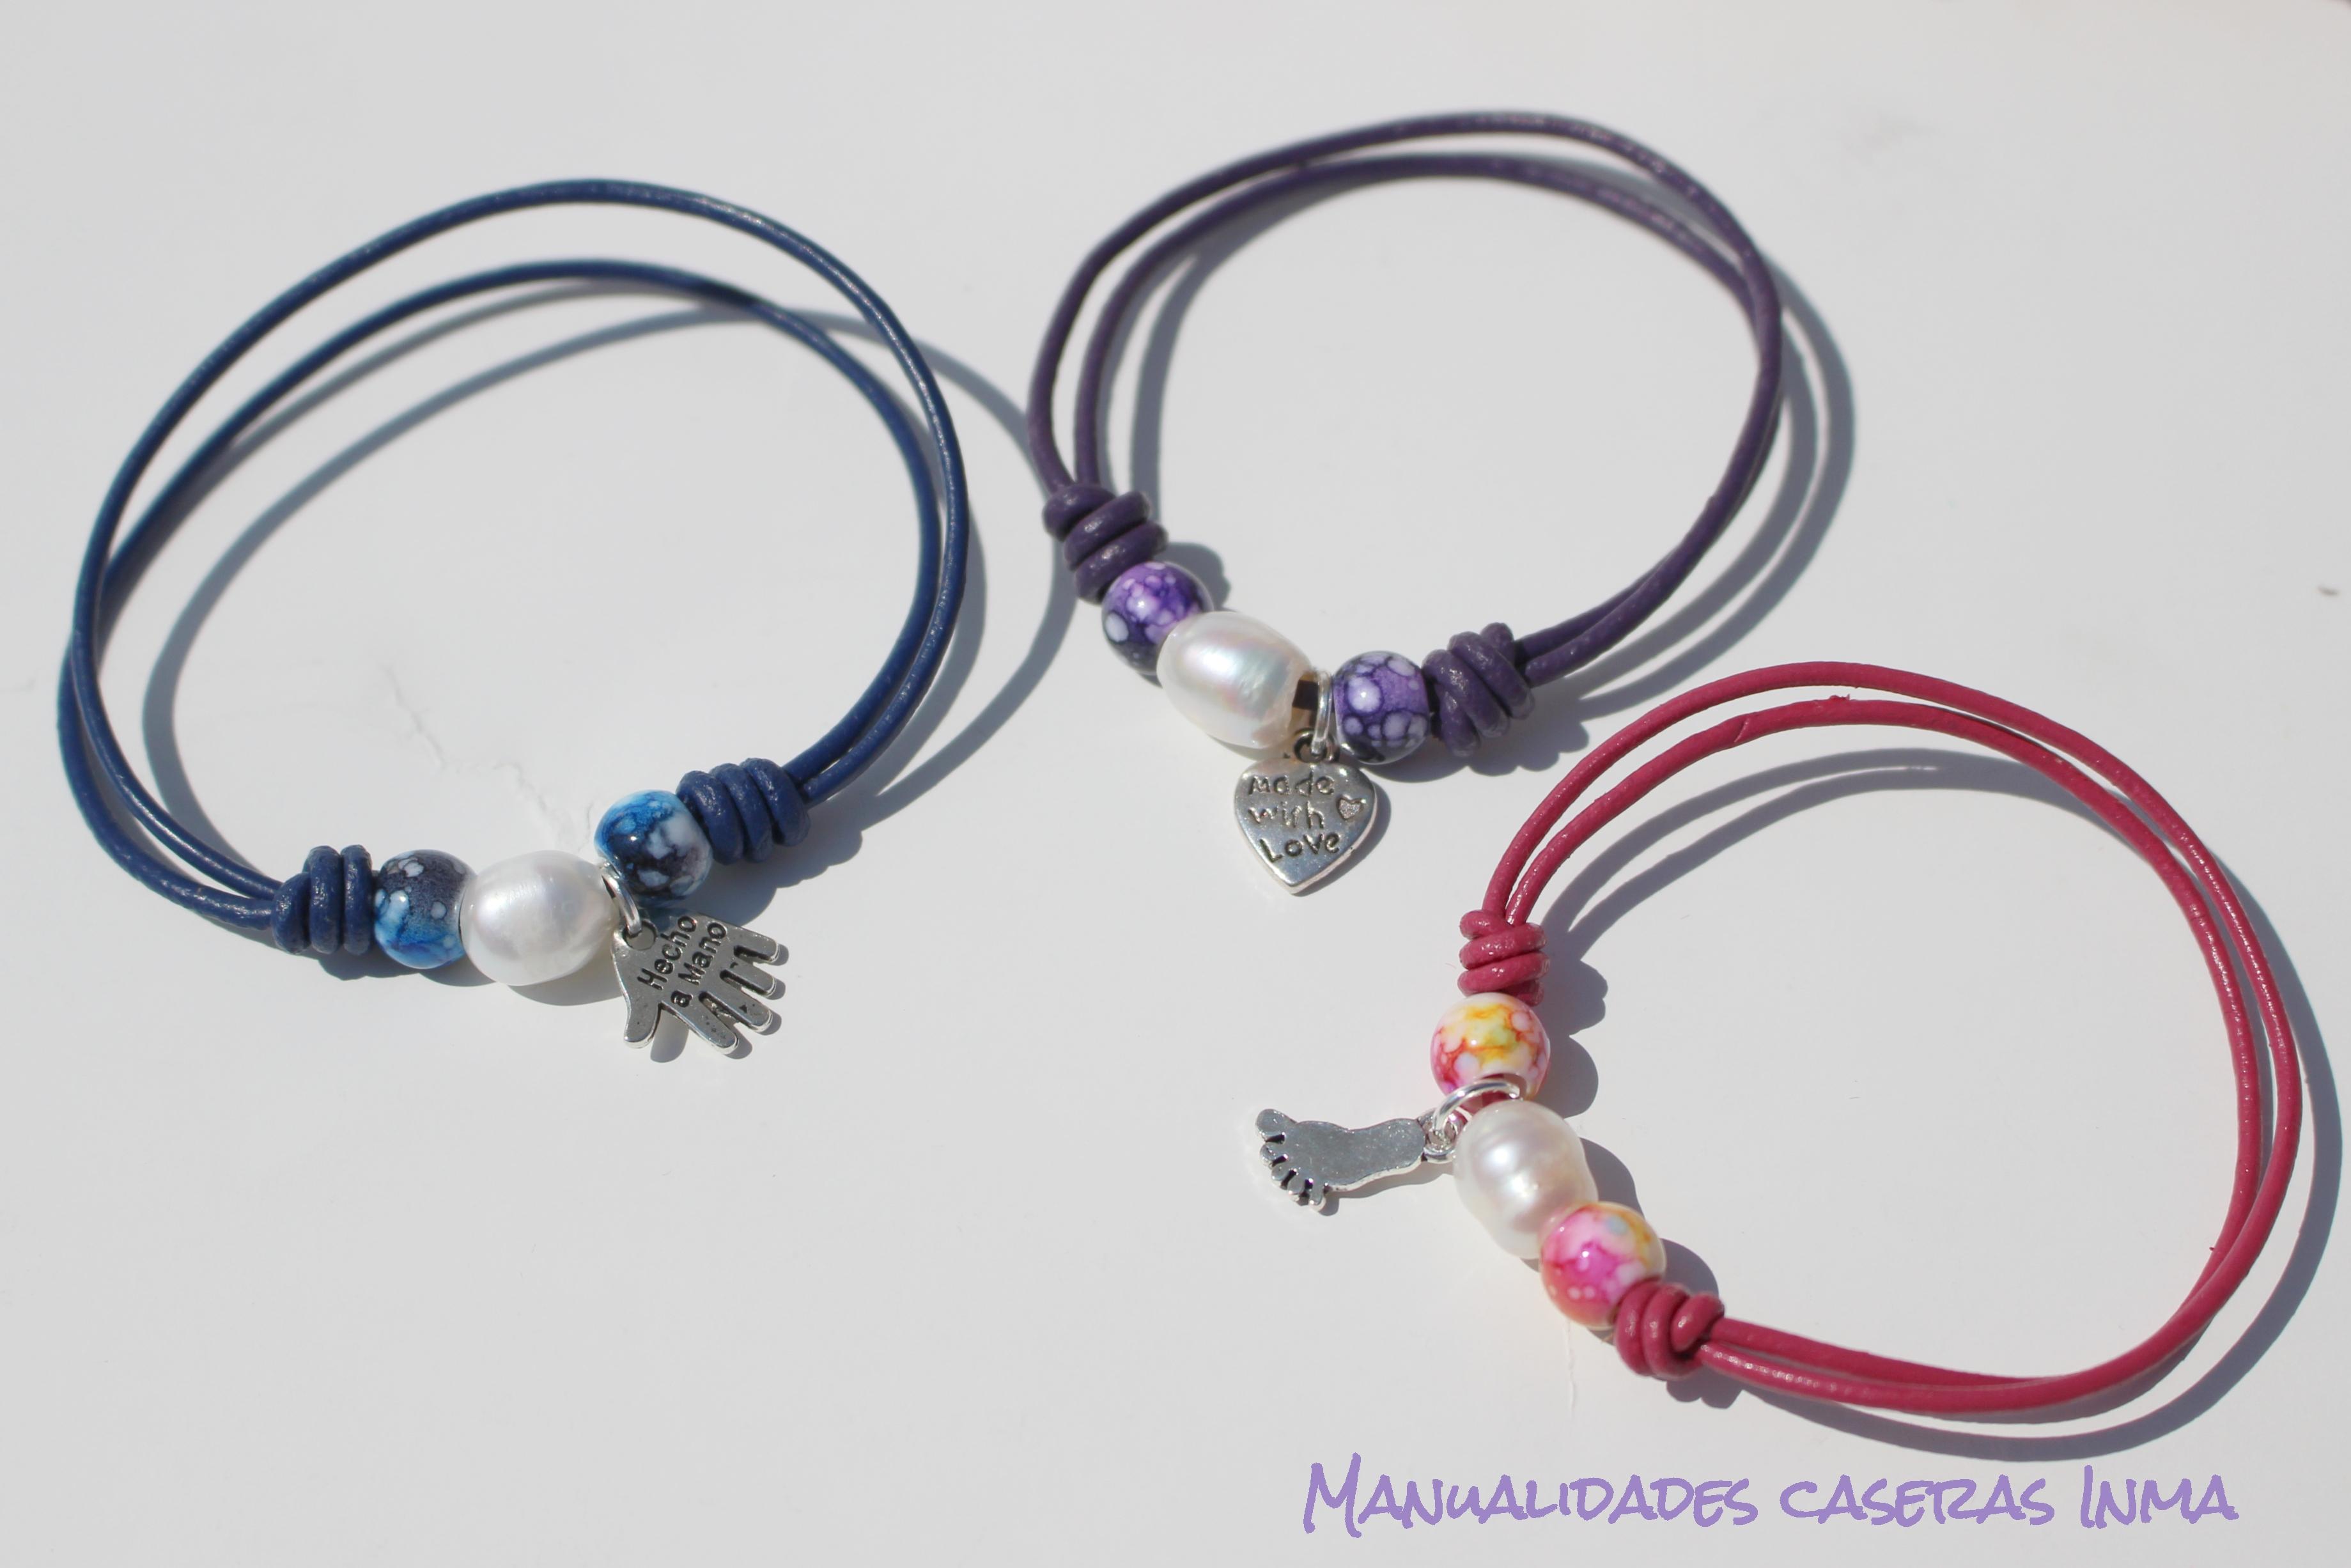 Manualidades Caseras Inma_Recuerdo de comunión _Pulseras cuero de colores con perlas de río